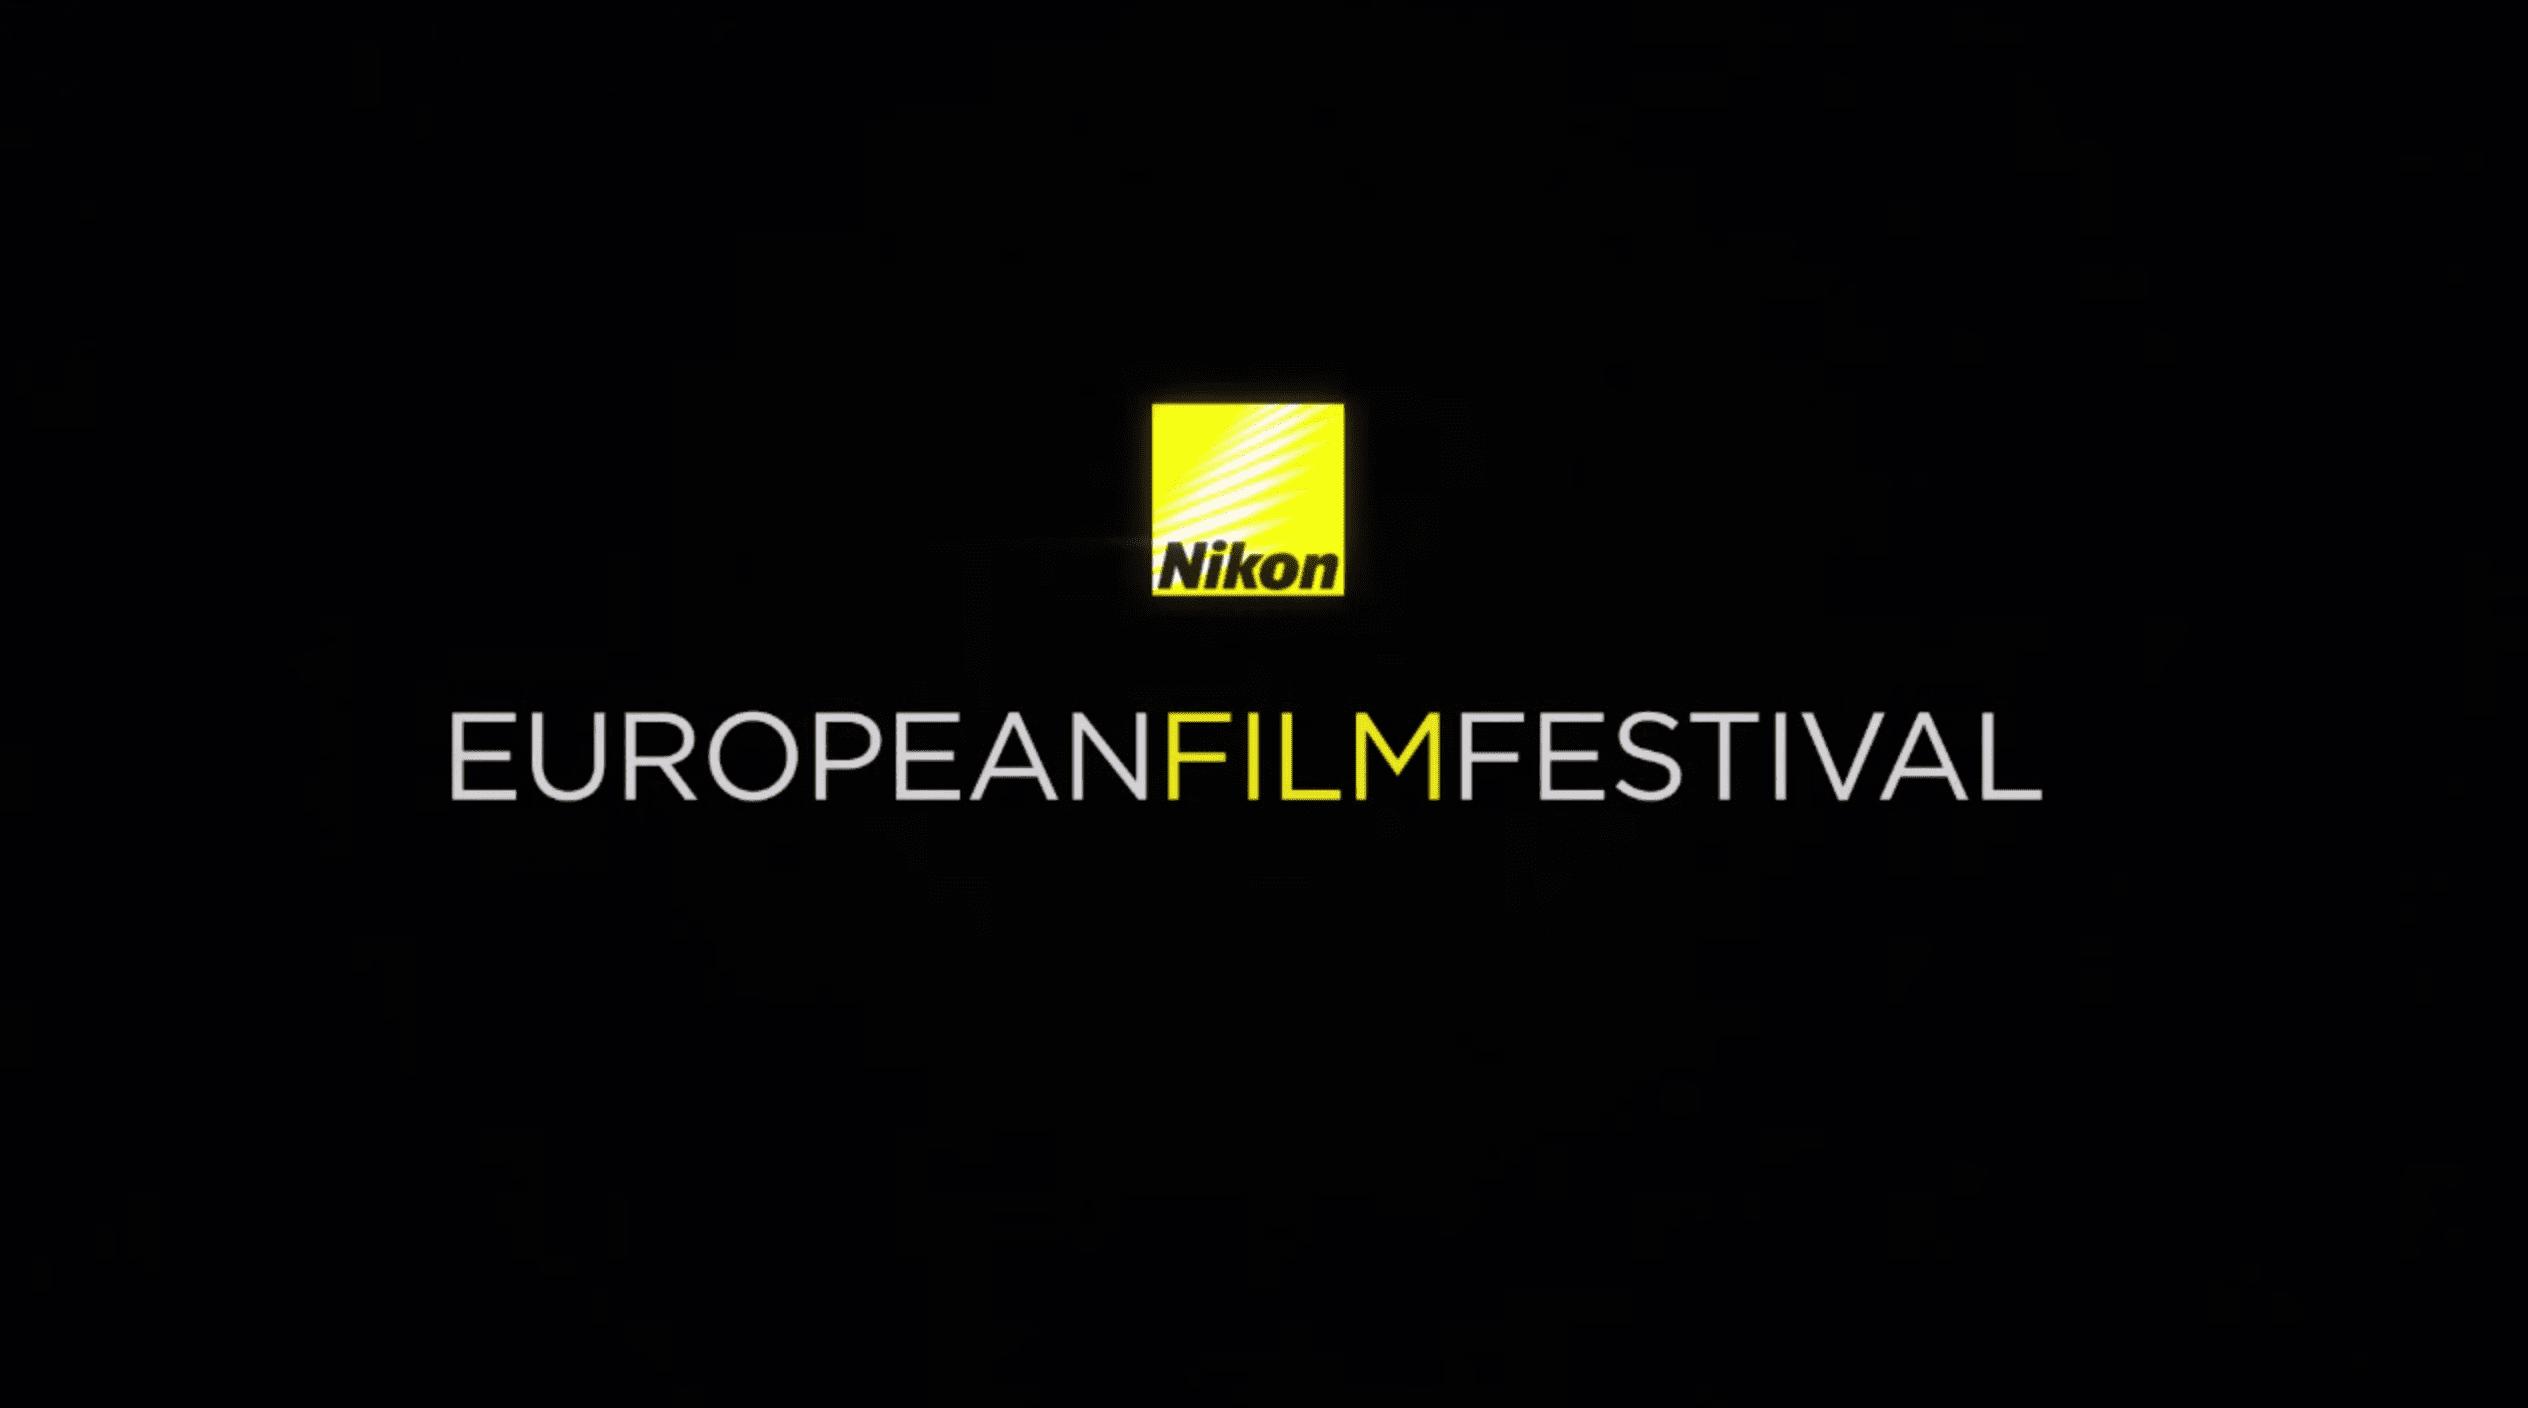 181354-Nikon European Film Festival-a2e79b-original-1443520129